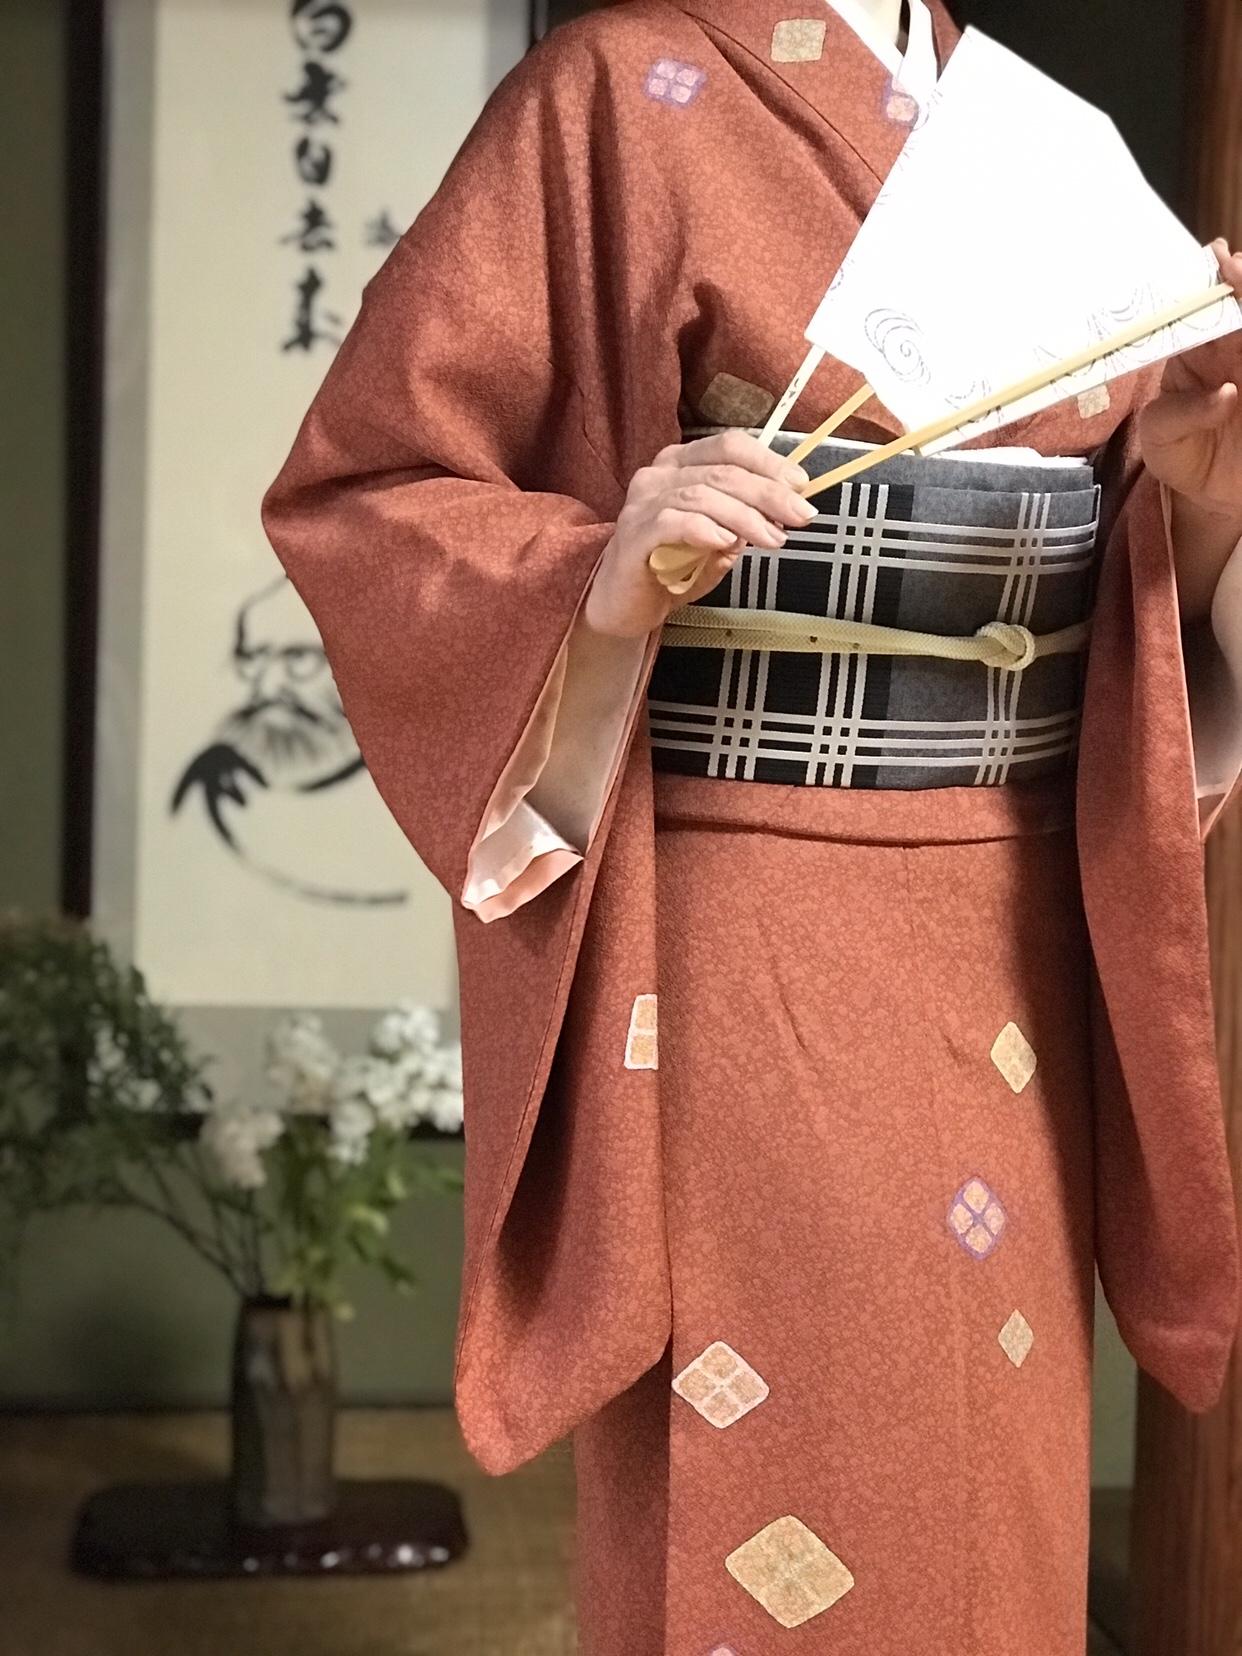 日本舞踊・上方舞体験レッスンやっています!お気軽にお越しくださいませ。